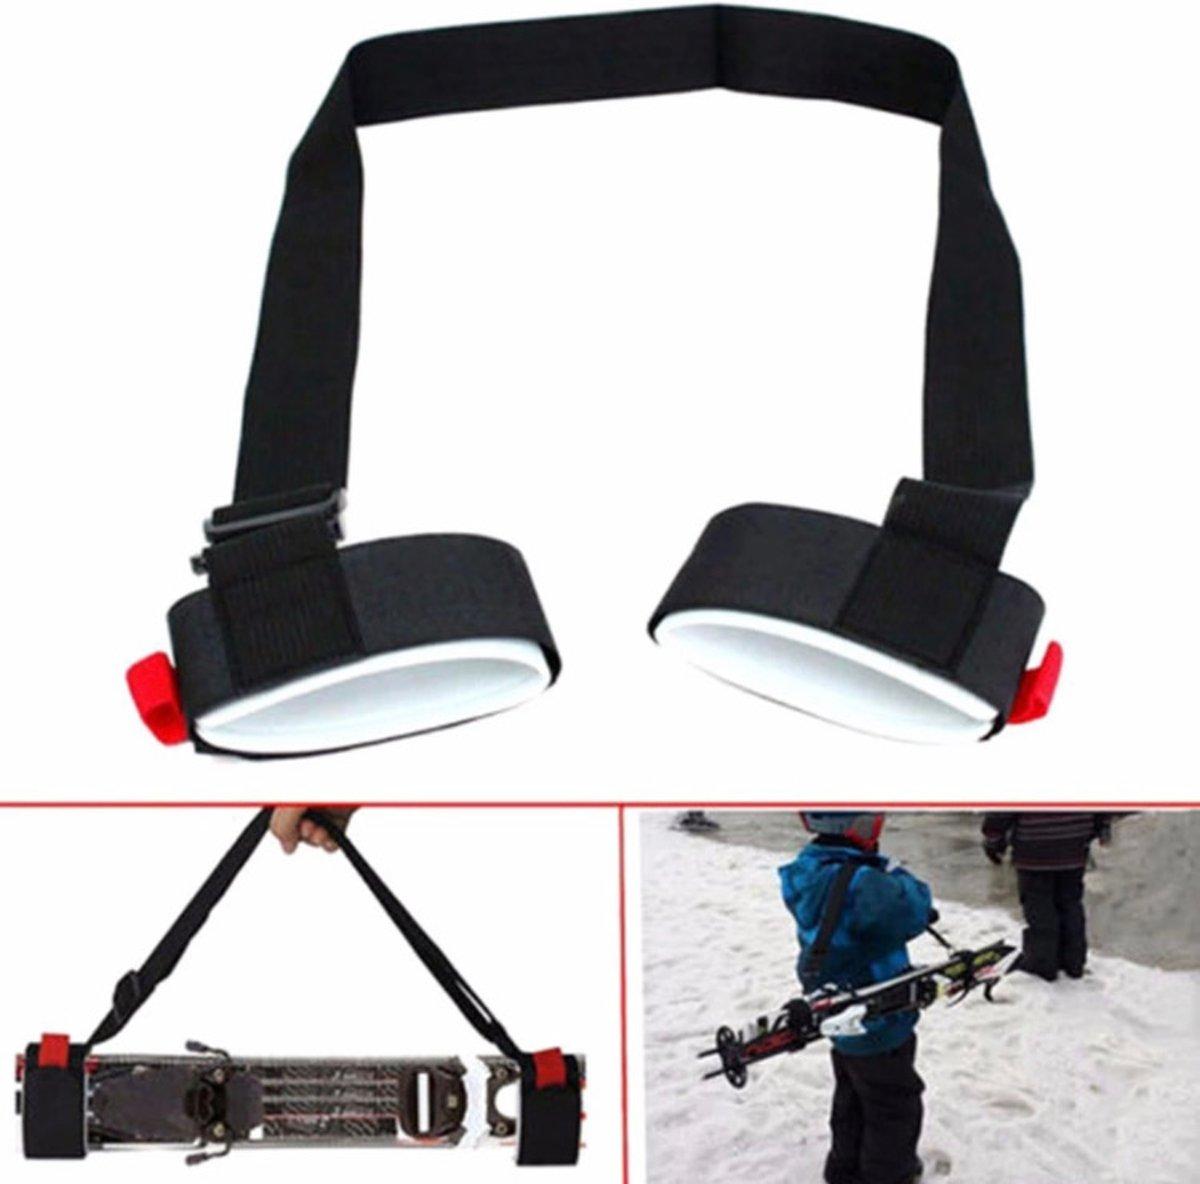 Ski draagband verstelbaar zonder probleem uw ski spullen dragen. kopen